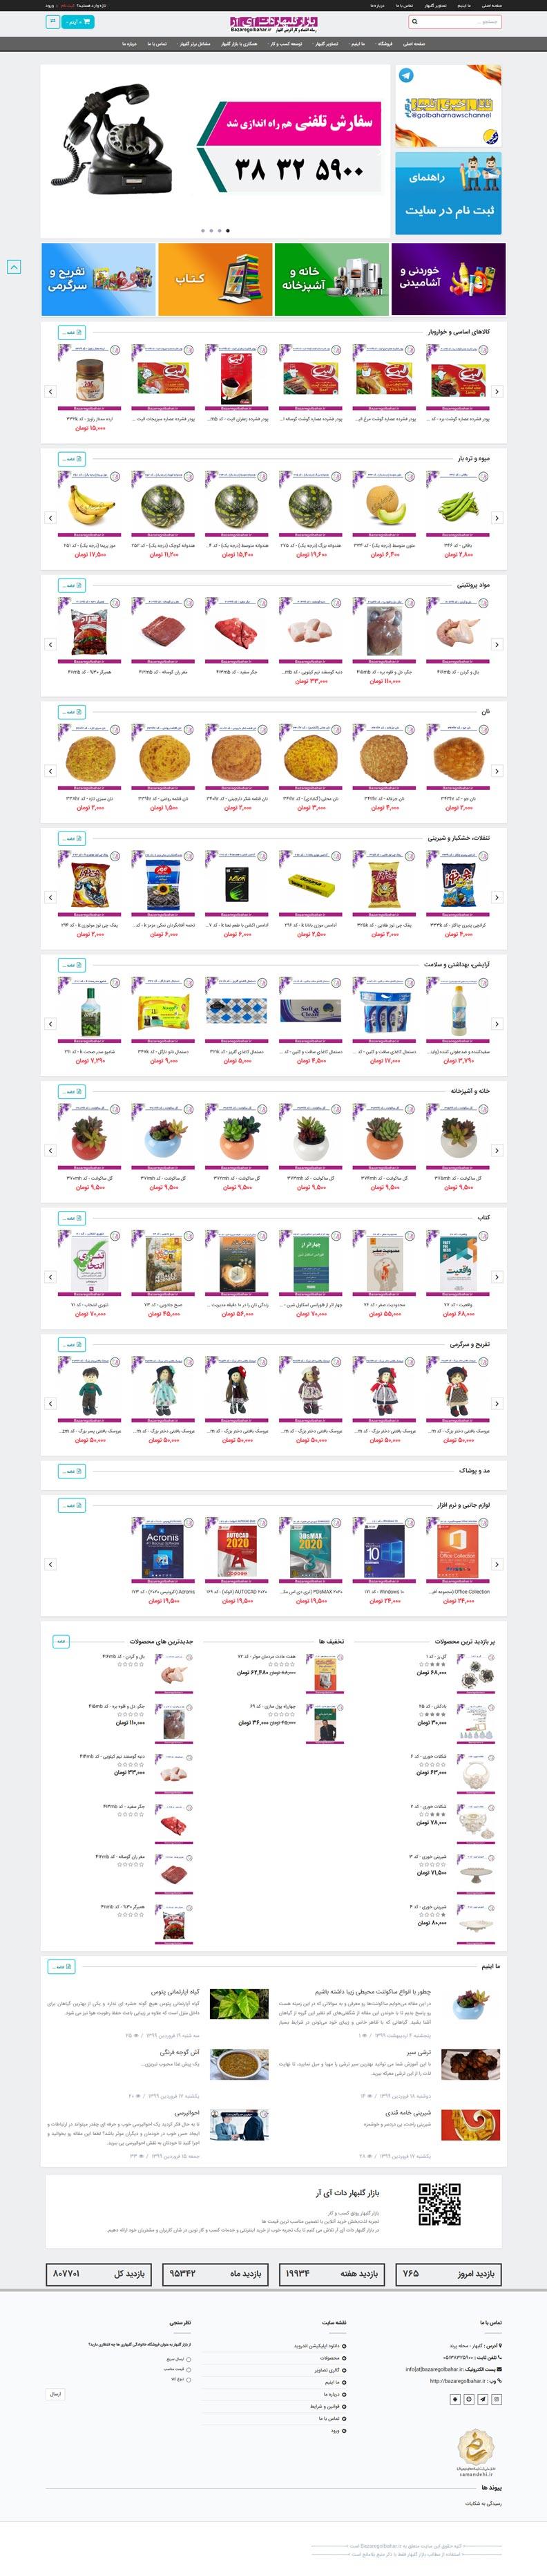 طراحی سایت فروشگاهی بازار گلبهار